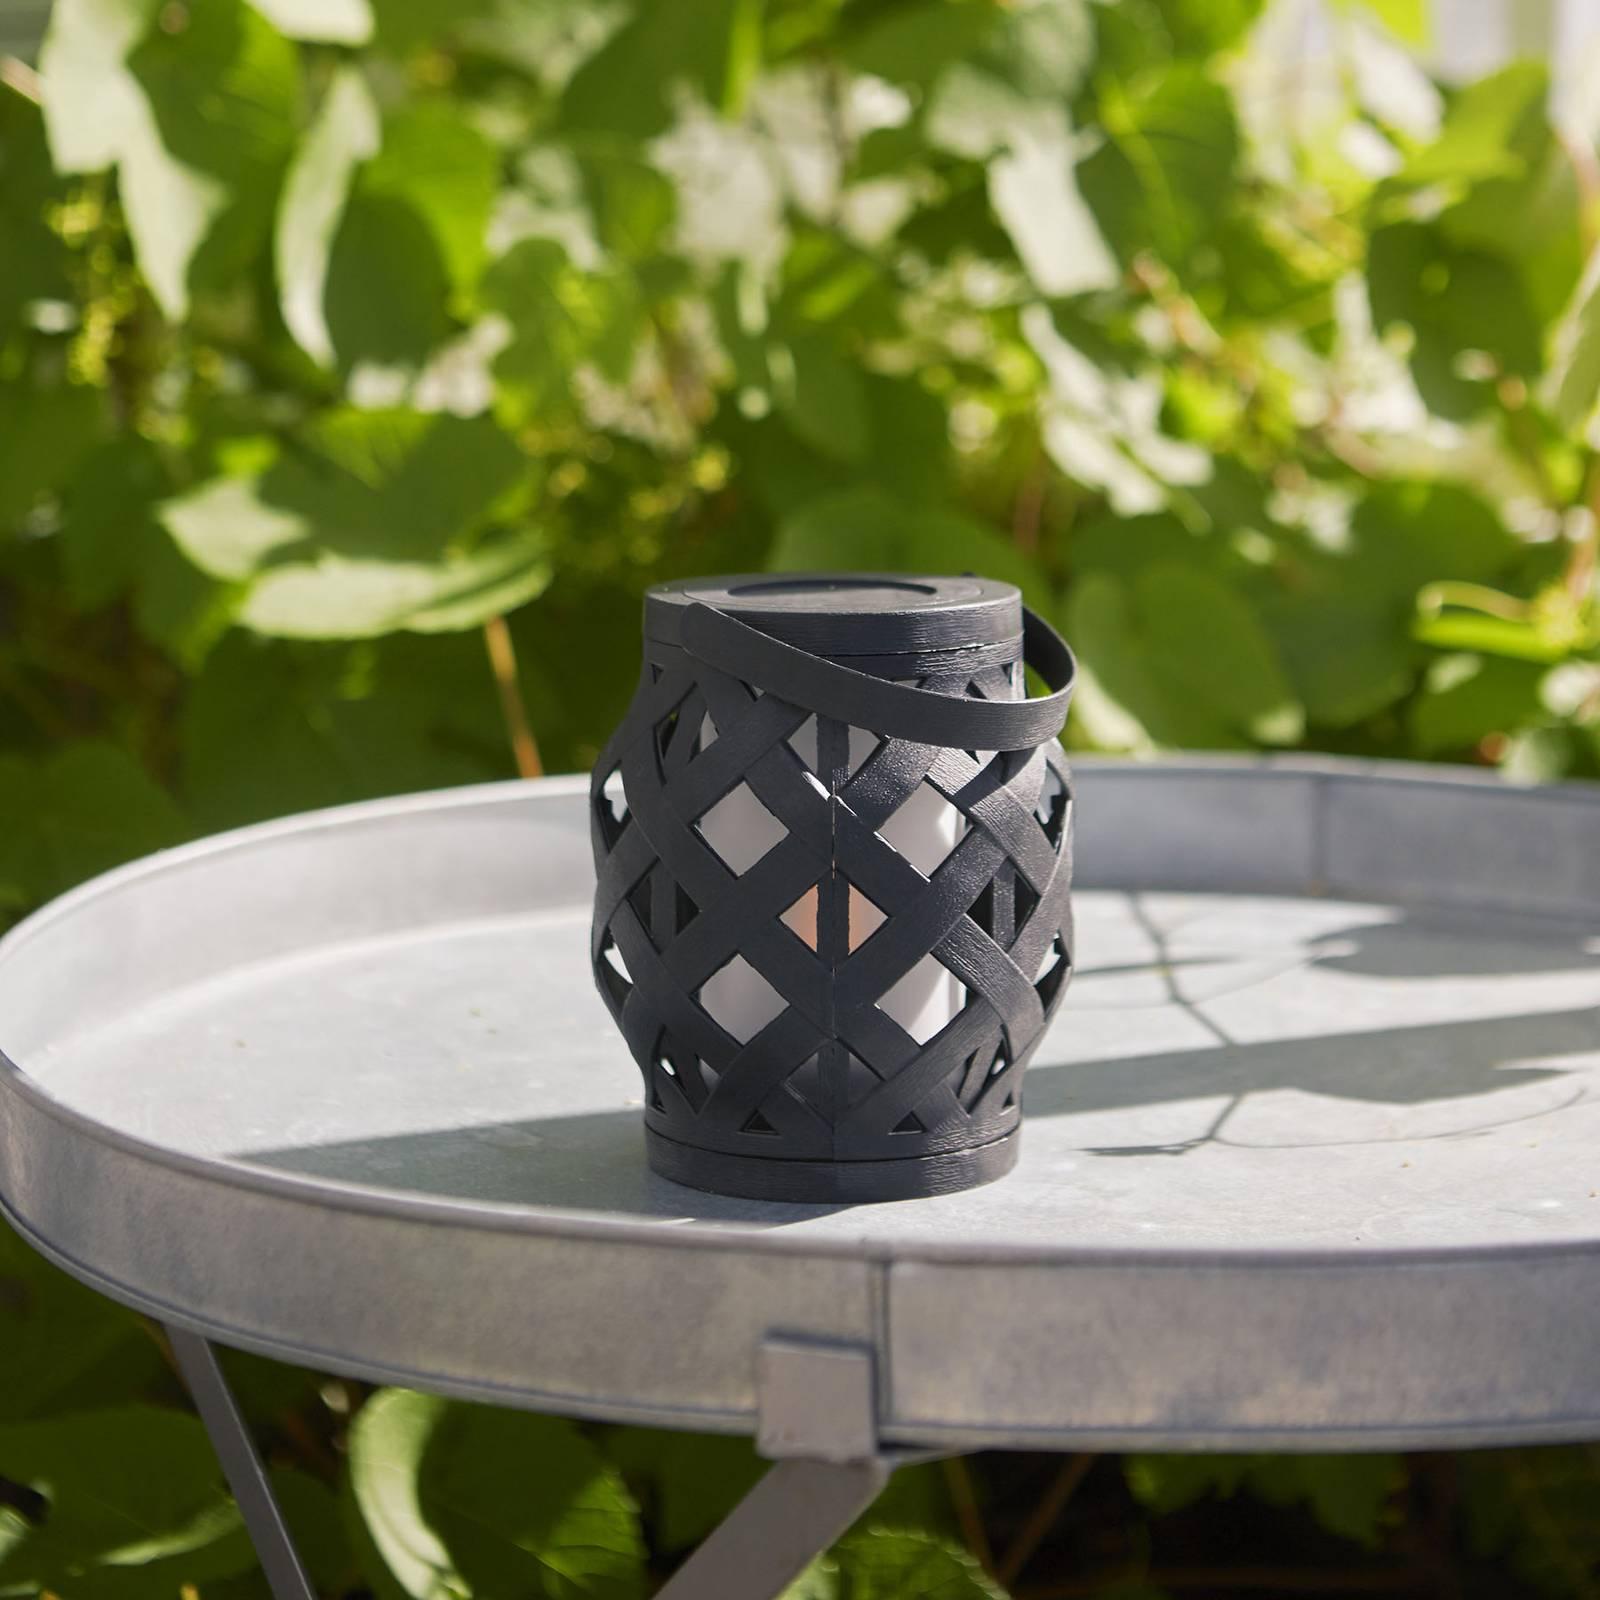 LED-Laterne Flame Lantern, schwarz, Höhe 16 cm günstig online kaufen